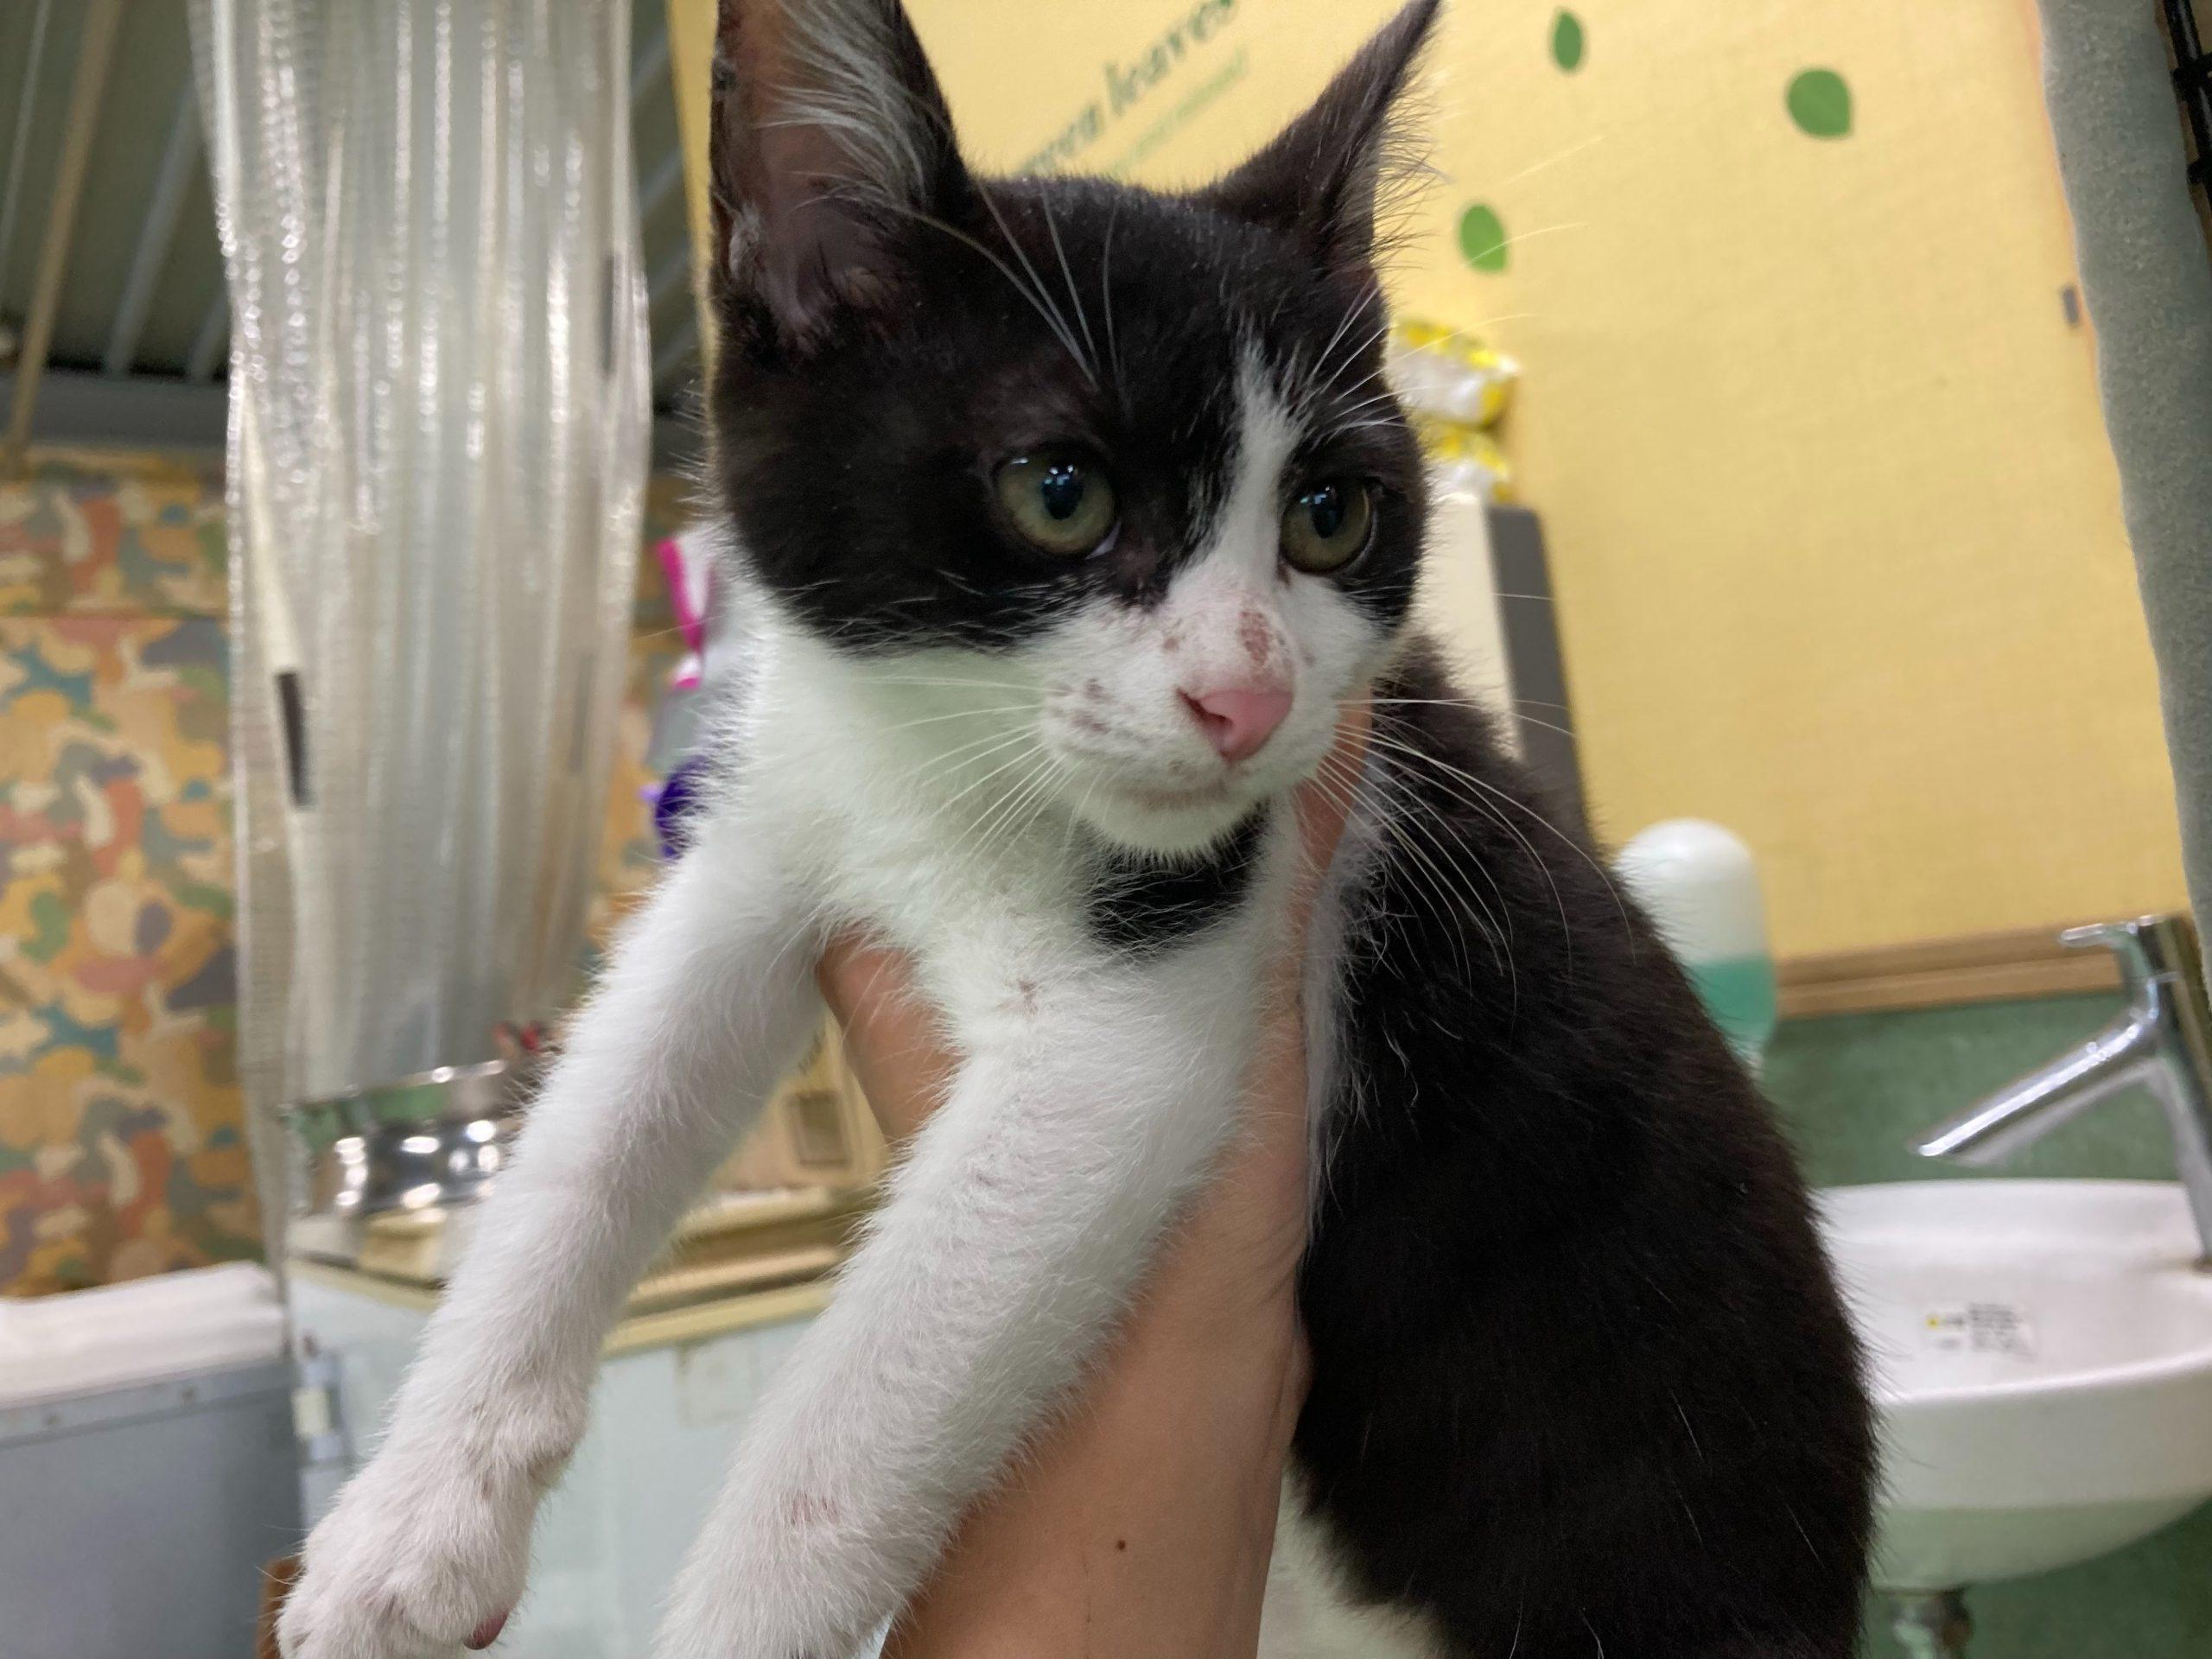 <ul> <li>猫種:日本猫 黒白</li> <li>性別:男の子</li> <li>年齢:2021年4月初日</li> <li>保護経緯:自宅で野良猫が子猫を産んだため譲渡センターにて里親を探して欲しいとの事で保護しました。</li> </ul>